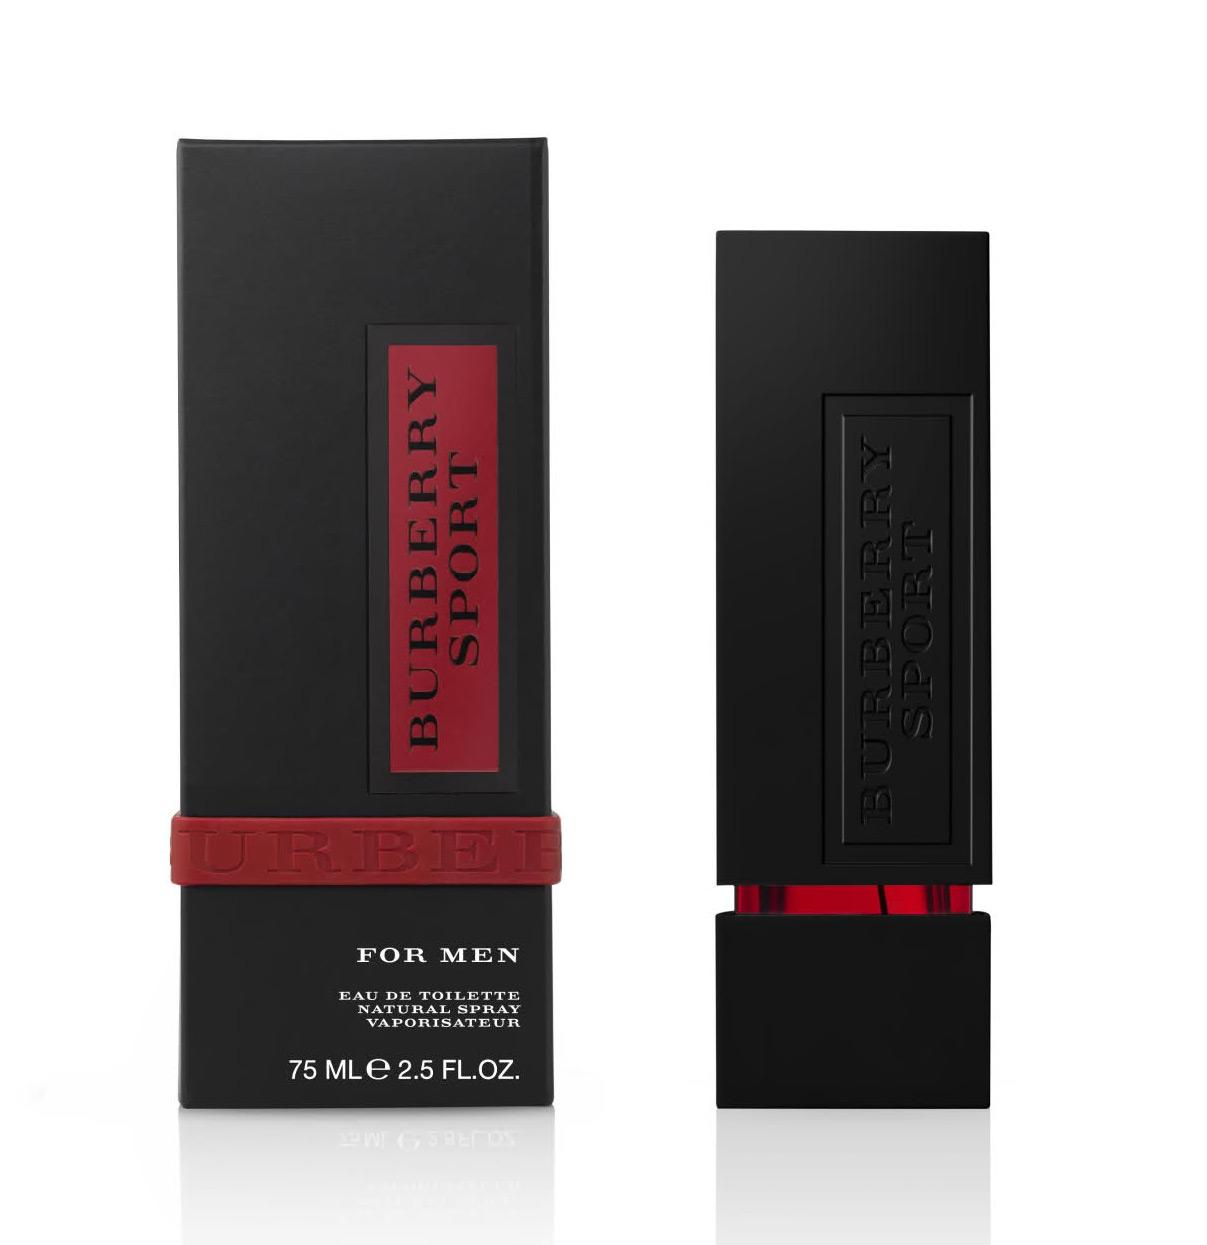 burberry eau de parfum natural spray 9ydz  Burberry Sport for Men Burberry pour homme Images